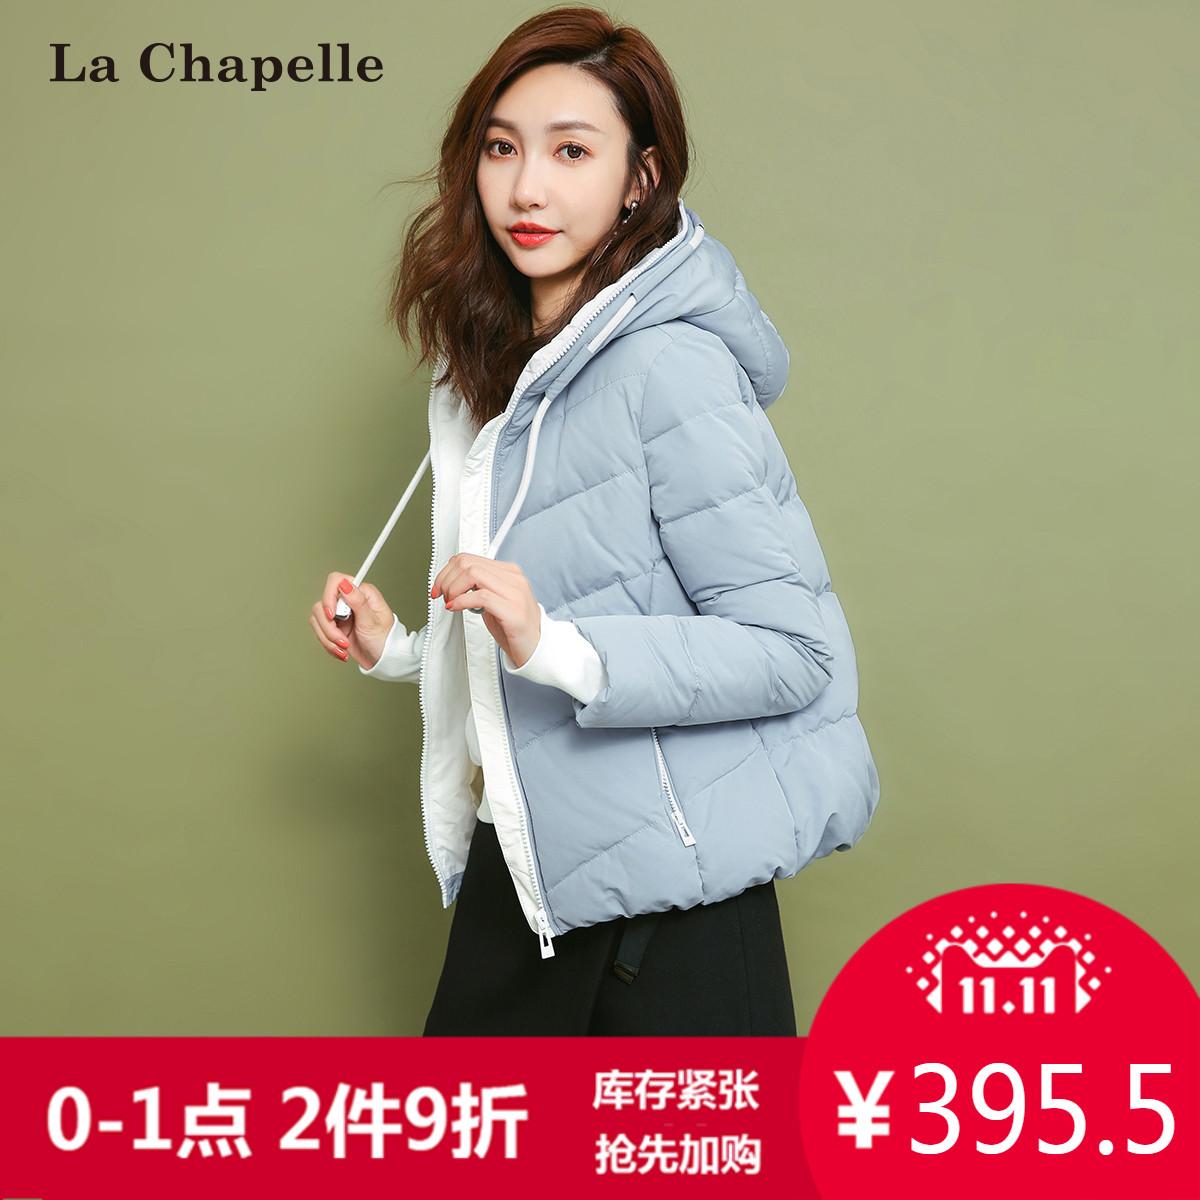 轻薄羽绒服女士2017冬季新款韩版纯色显瘦白鸭绒长袖连帽短款外套